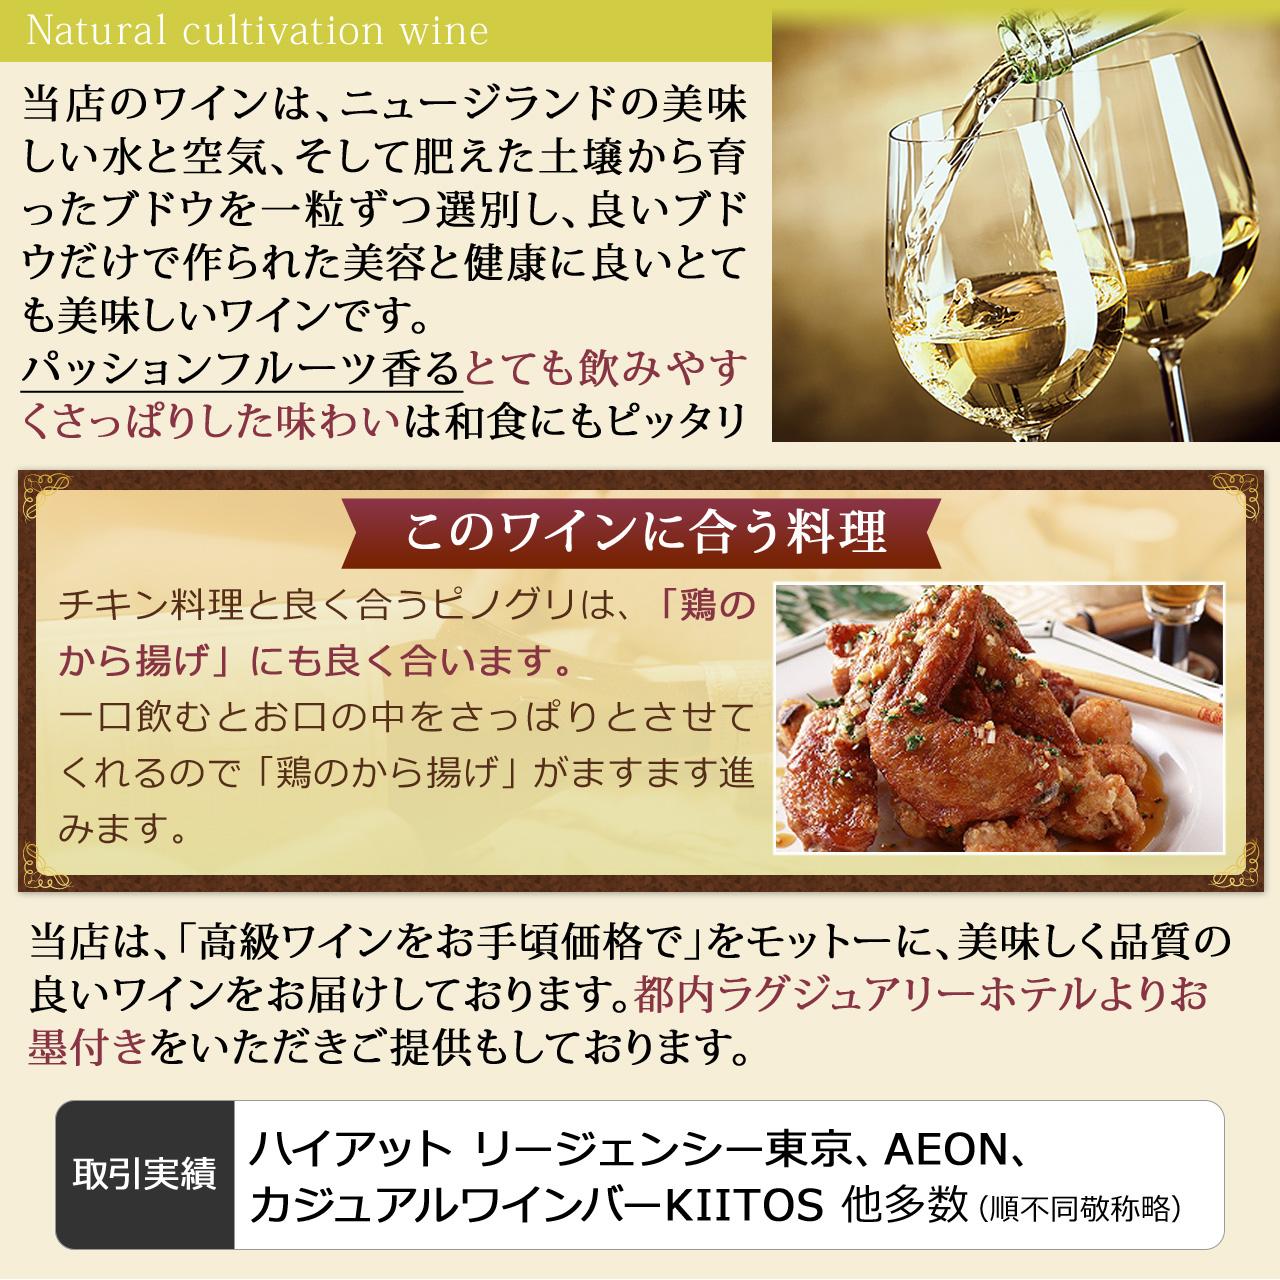 【このワインに合う料理】さっぱりした「カプレーゼ」にソービニヨンブランの香りがマッチします。また意外にも、「肉じゃが」がソービニヨンブランのフルーティな味わいを引き出します。